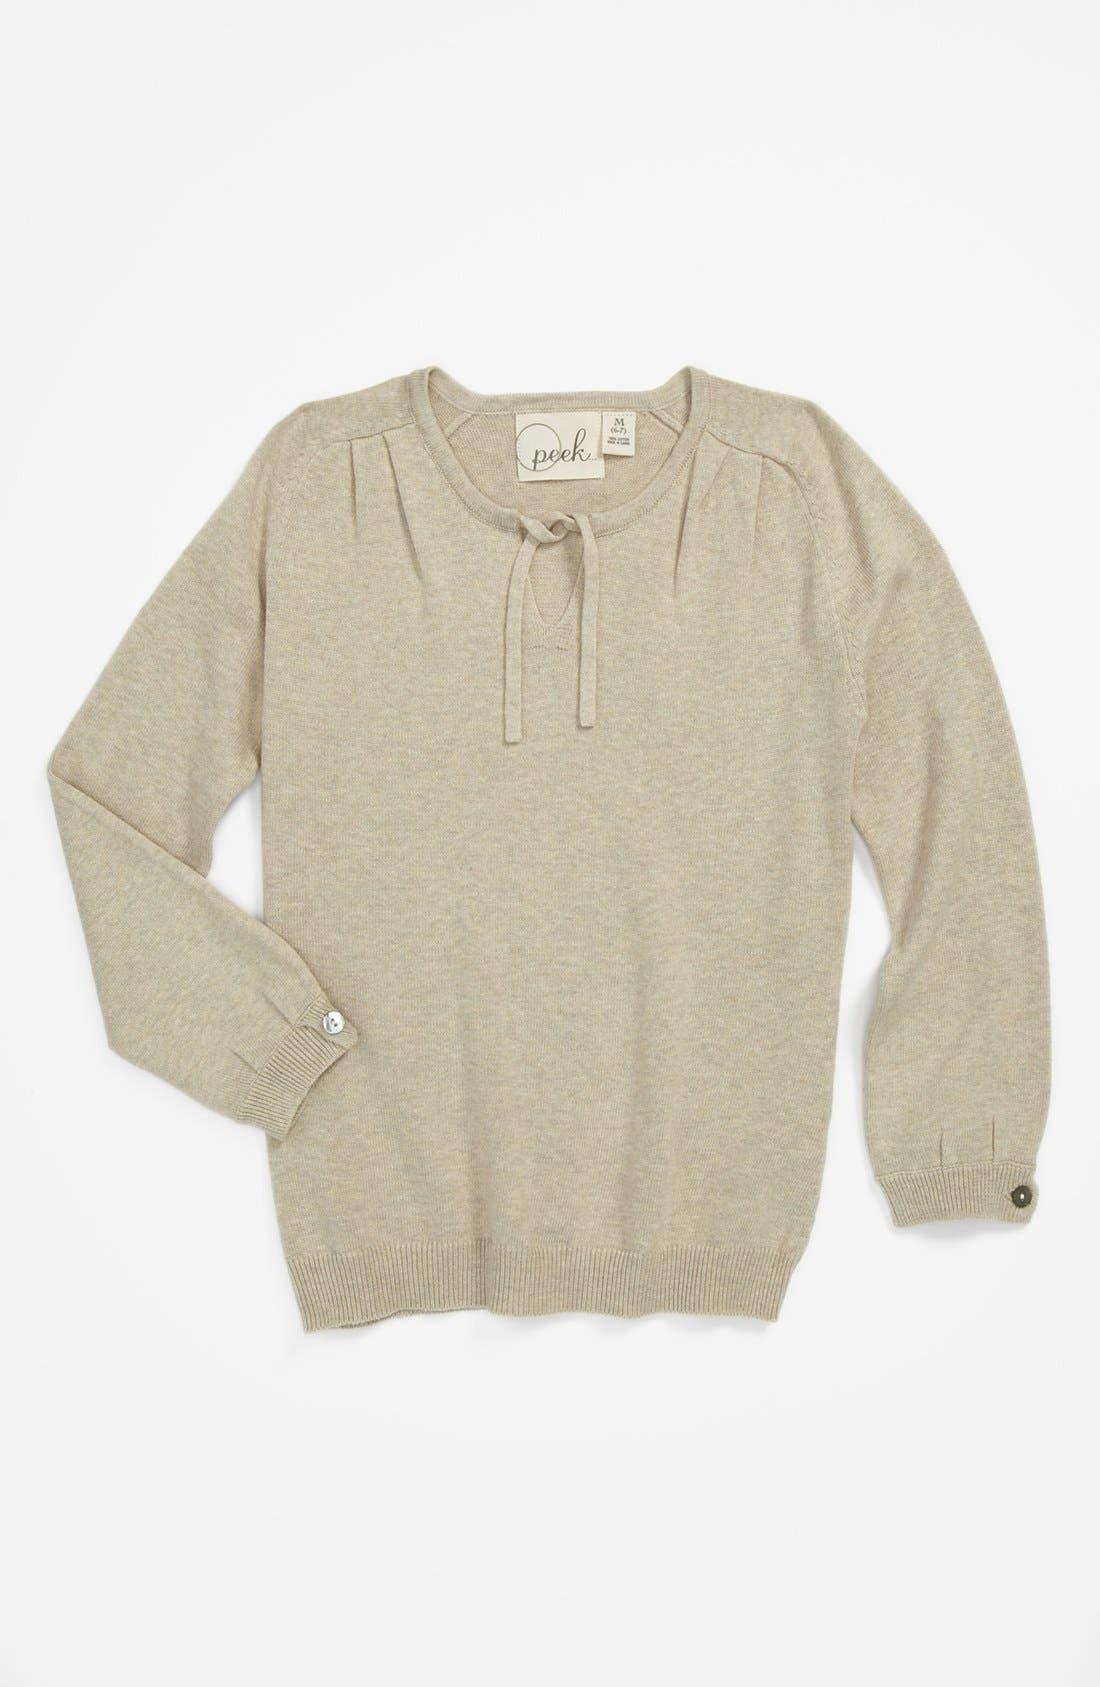 Alternate Image 1 Selected - Peek 'Rosa' Sweater (Big Girls)